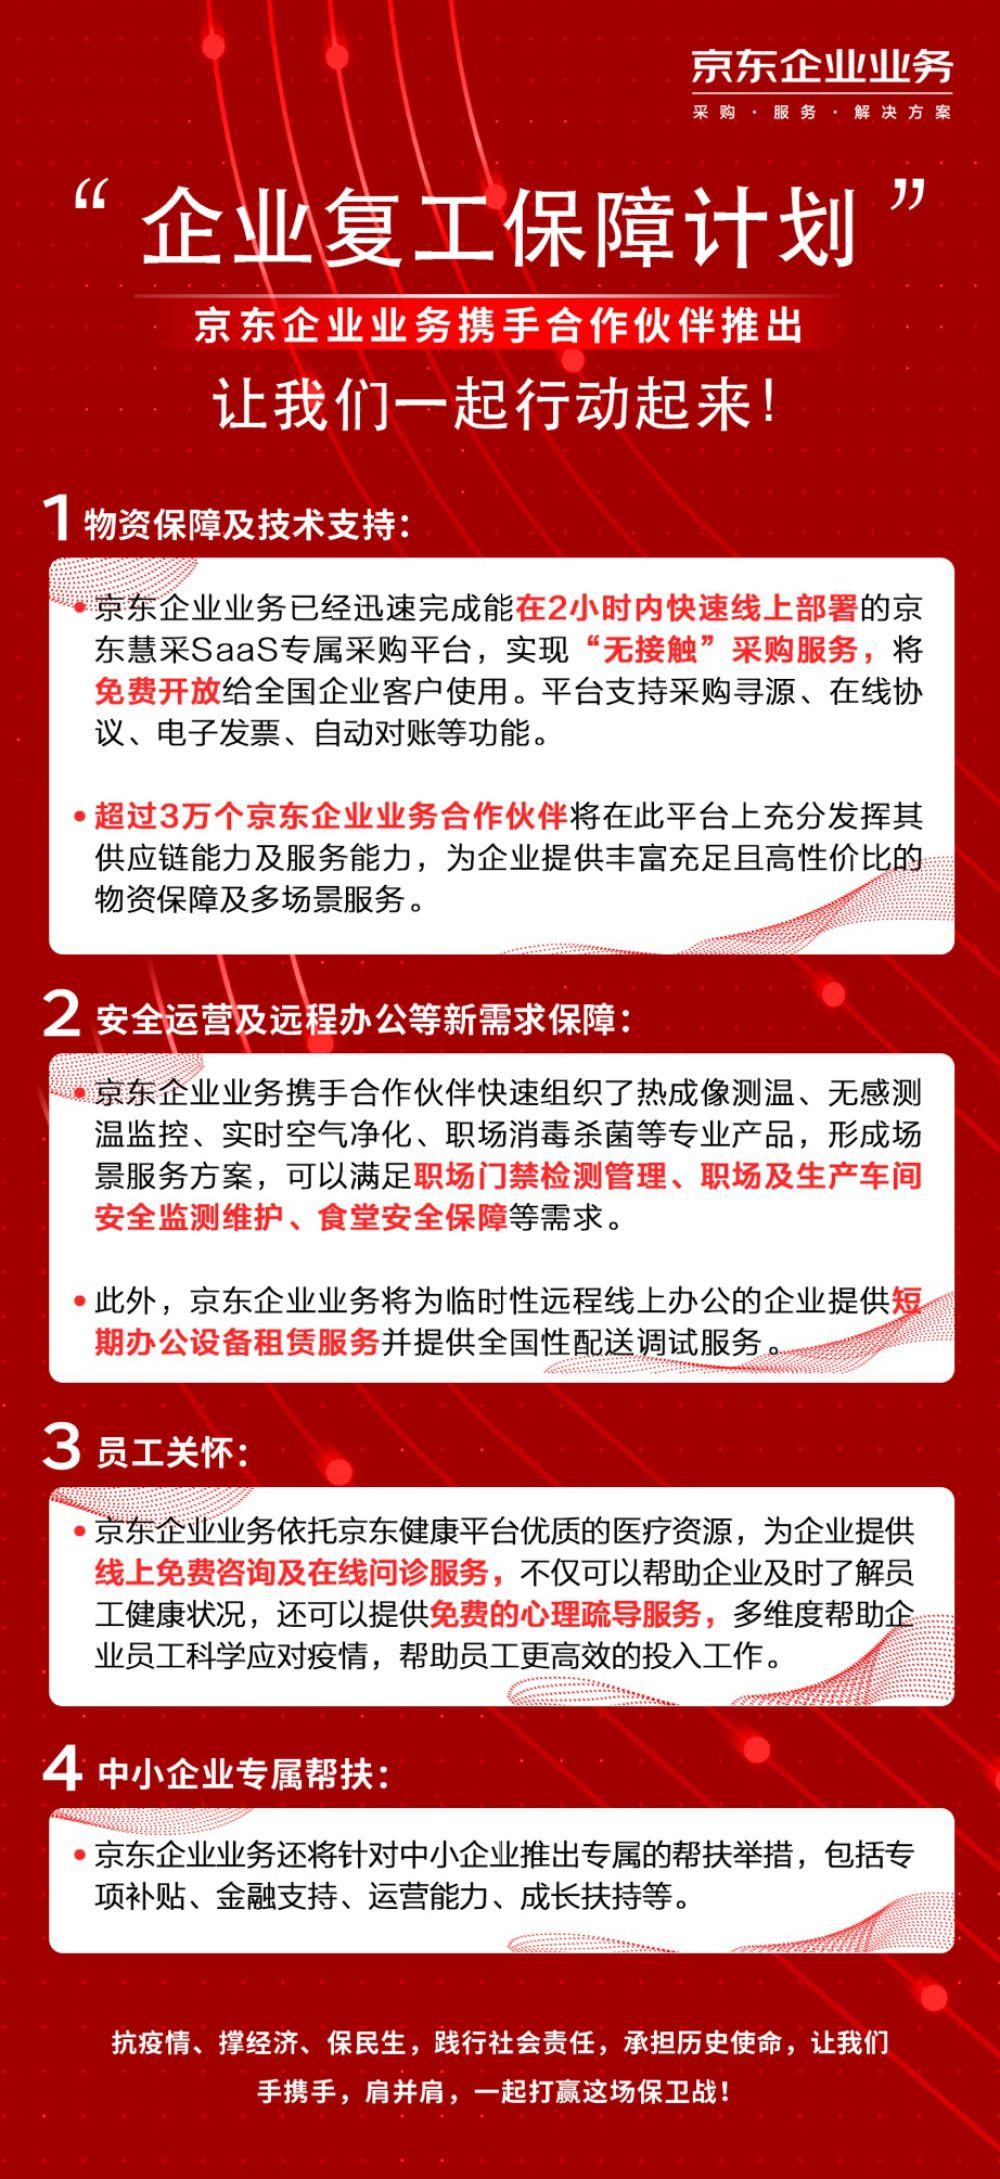 """融通上下游企業供應鏈及服務能力 京東推出""""企業復工保障計劃"""""""